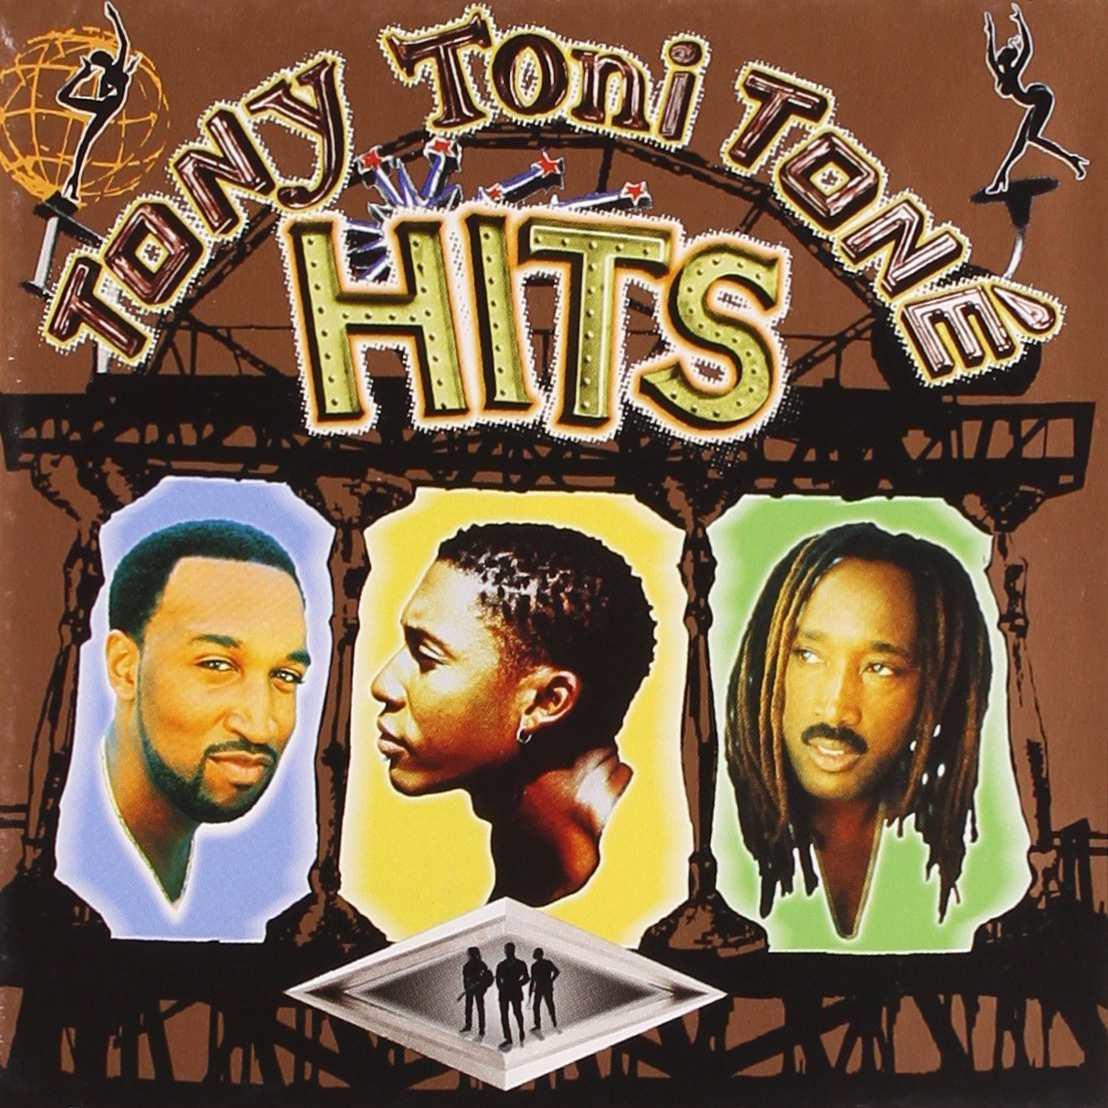 Tony Toni Tone